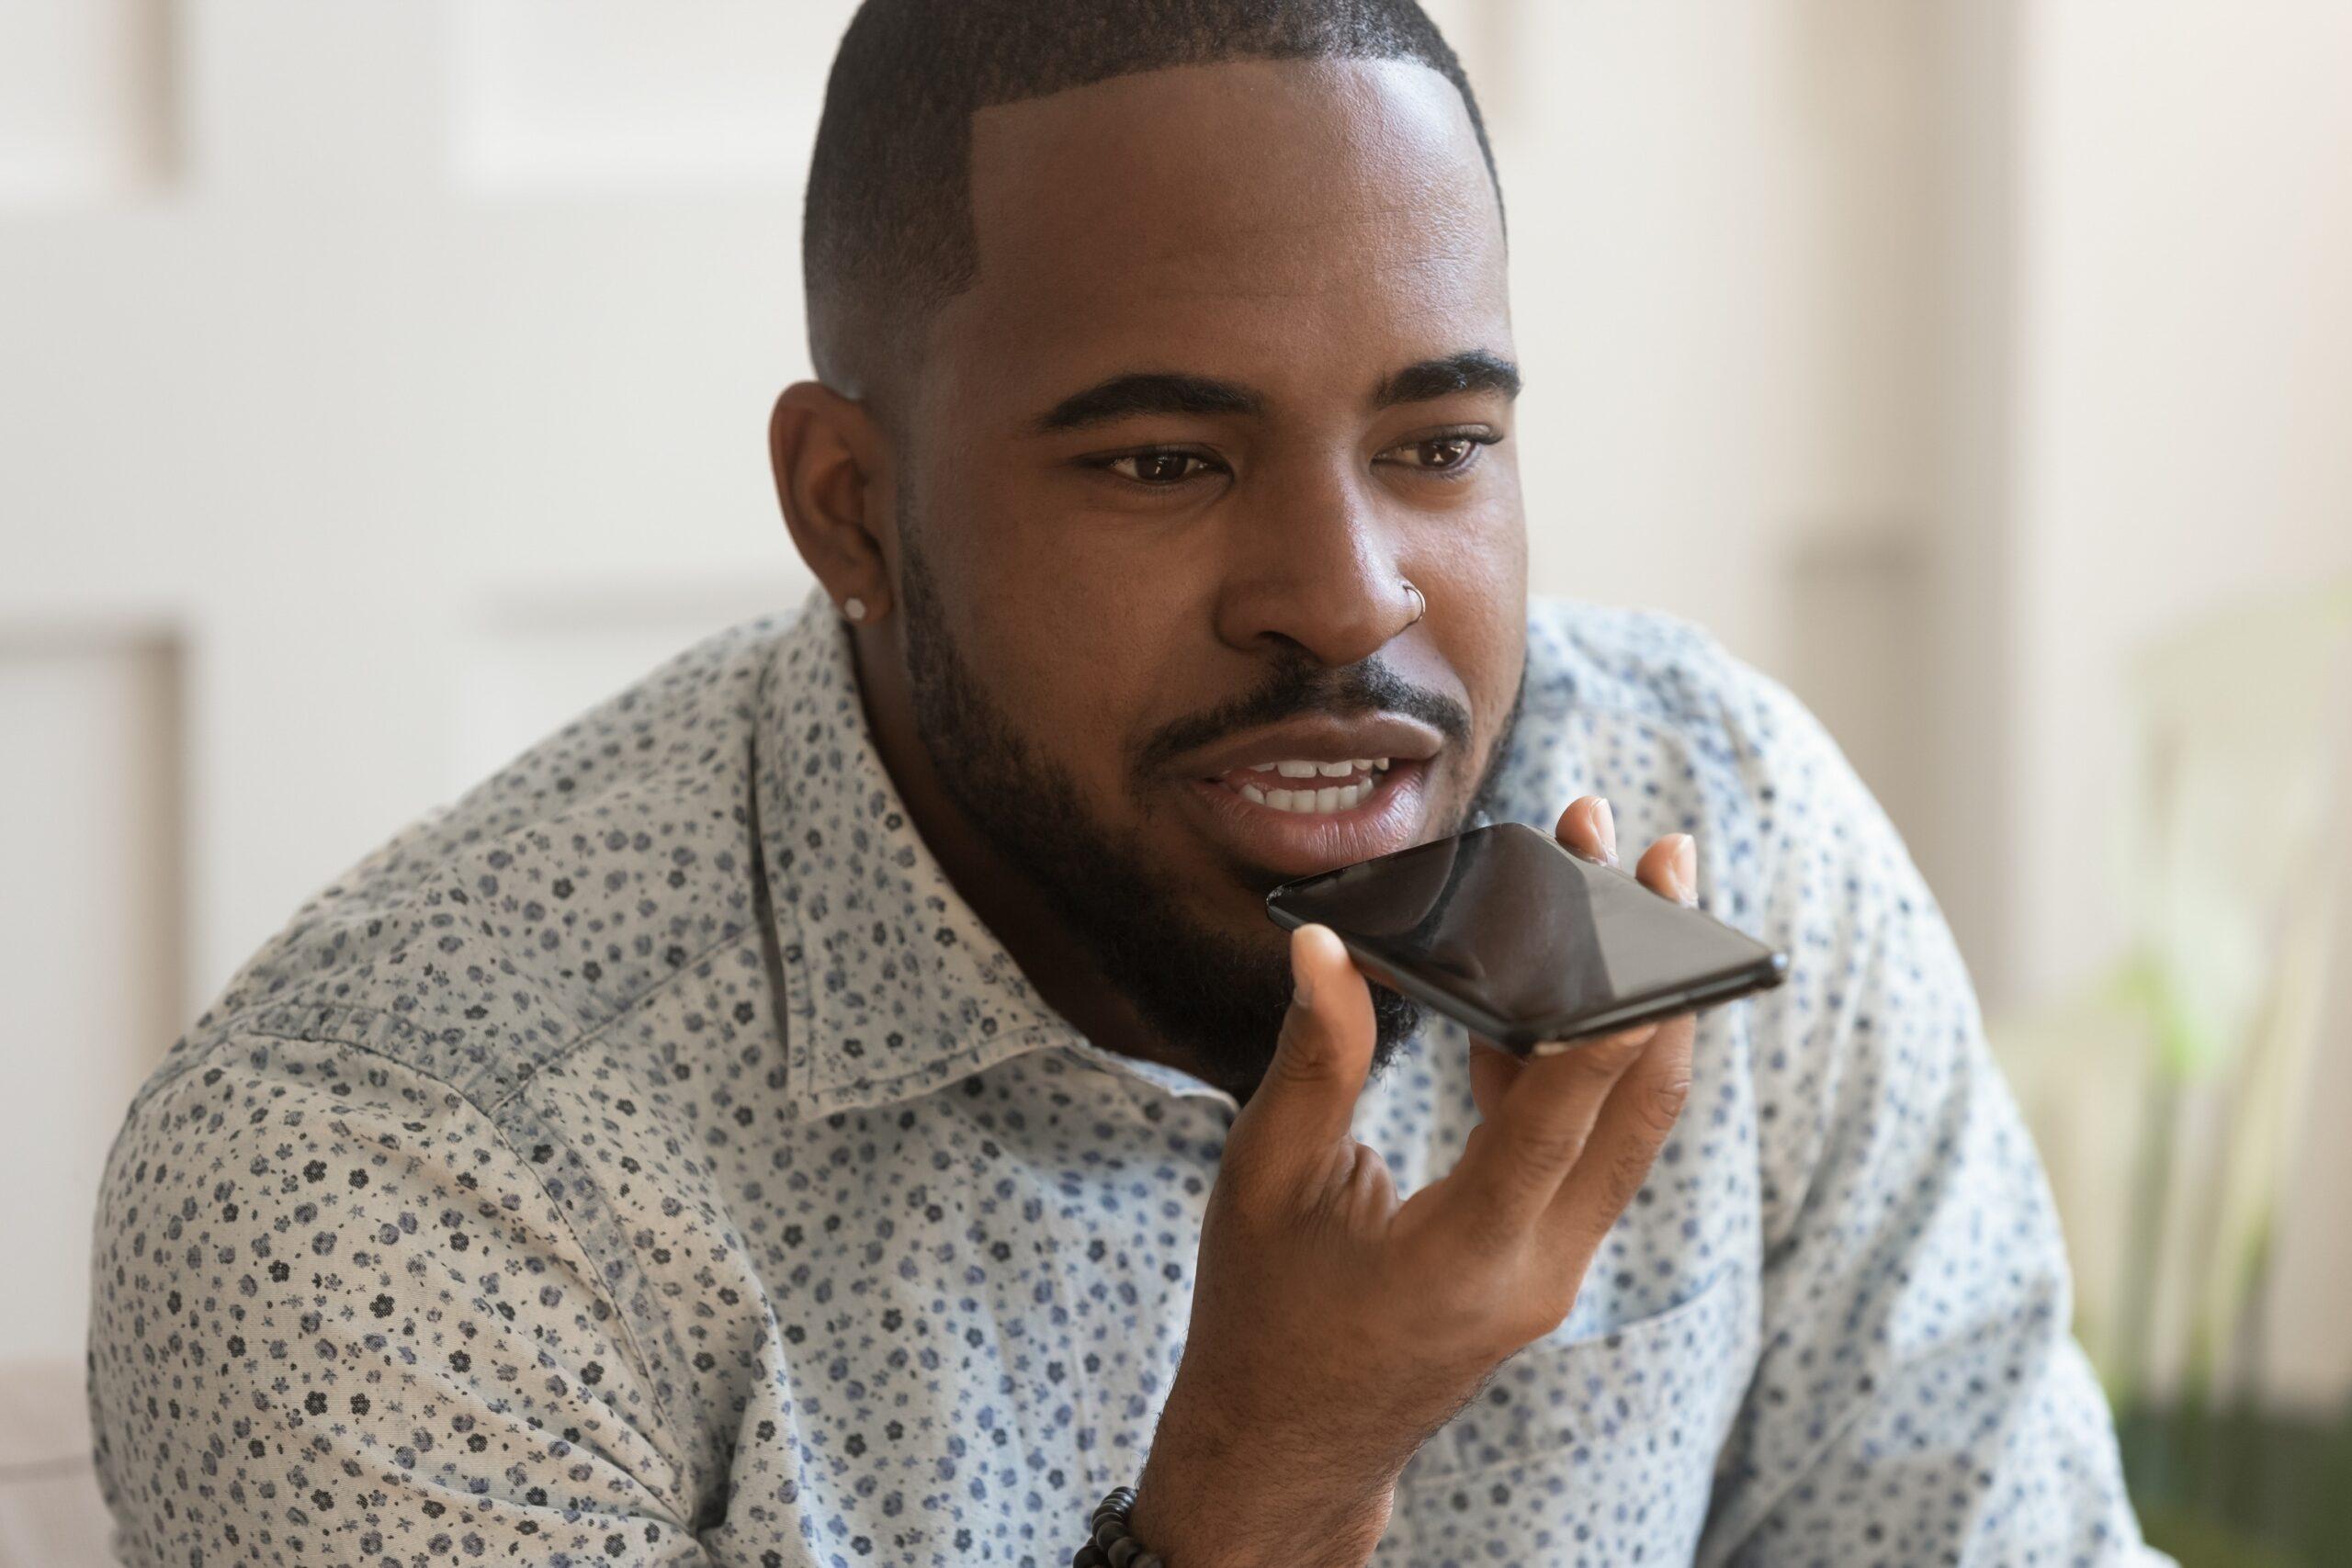 Homem falando com o iPhone, segurando aparelho com uma mão